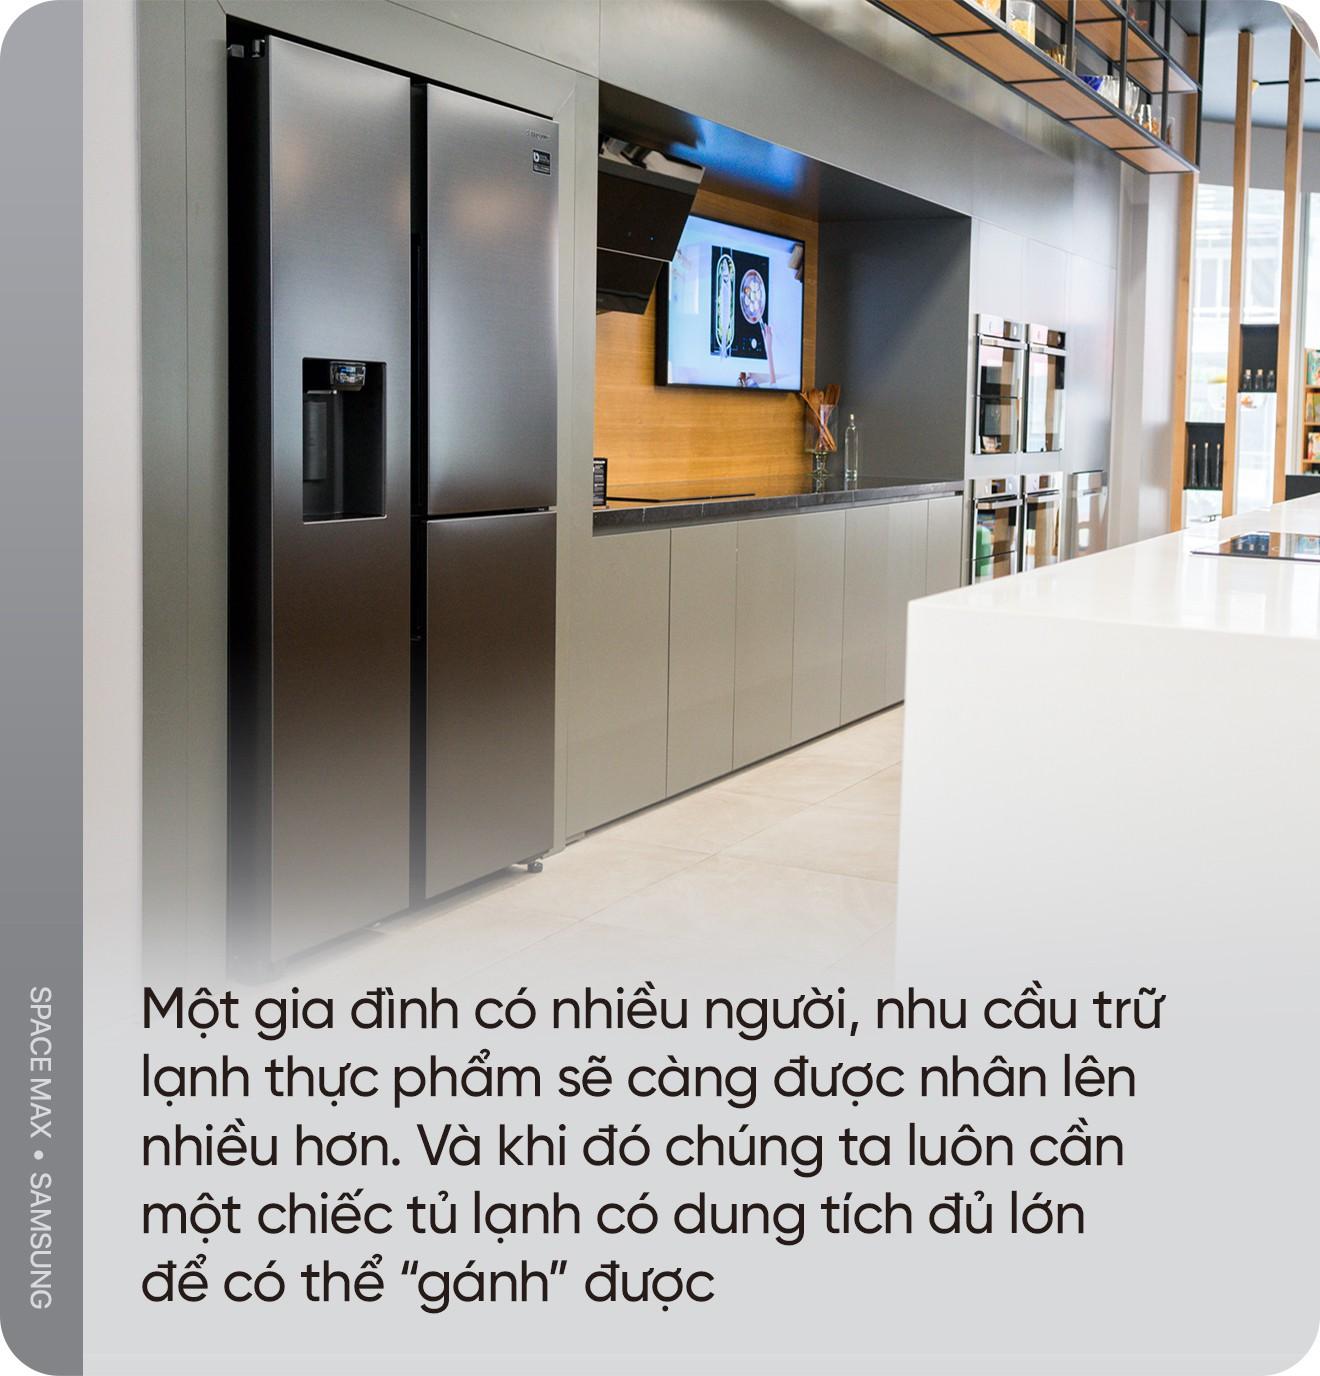 Chiếc tủ lạnh mới của Samsung đã giải quyết trọn vẹn nhu cầu của người dùng như thế nào - Ảnh 2.